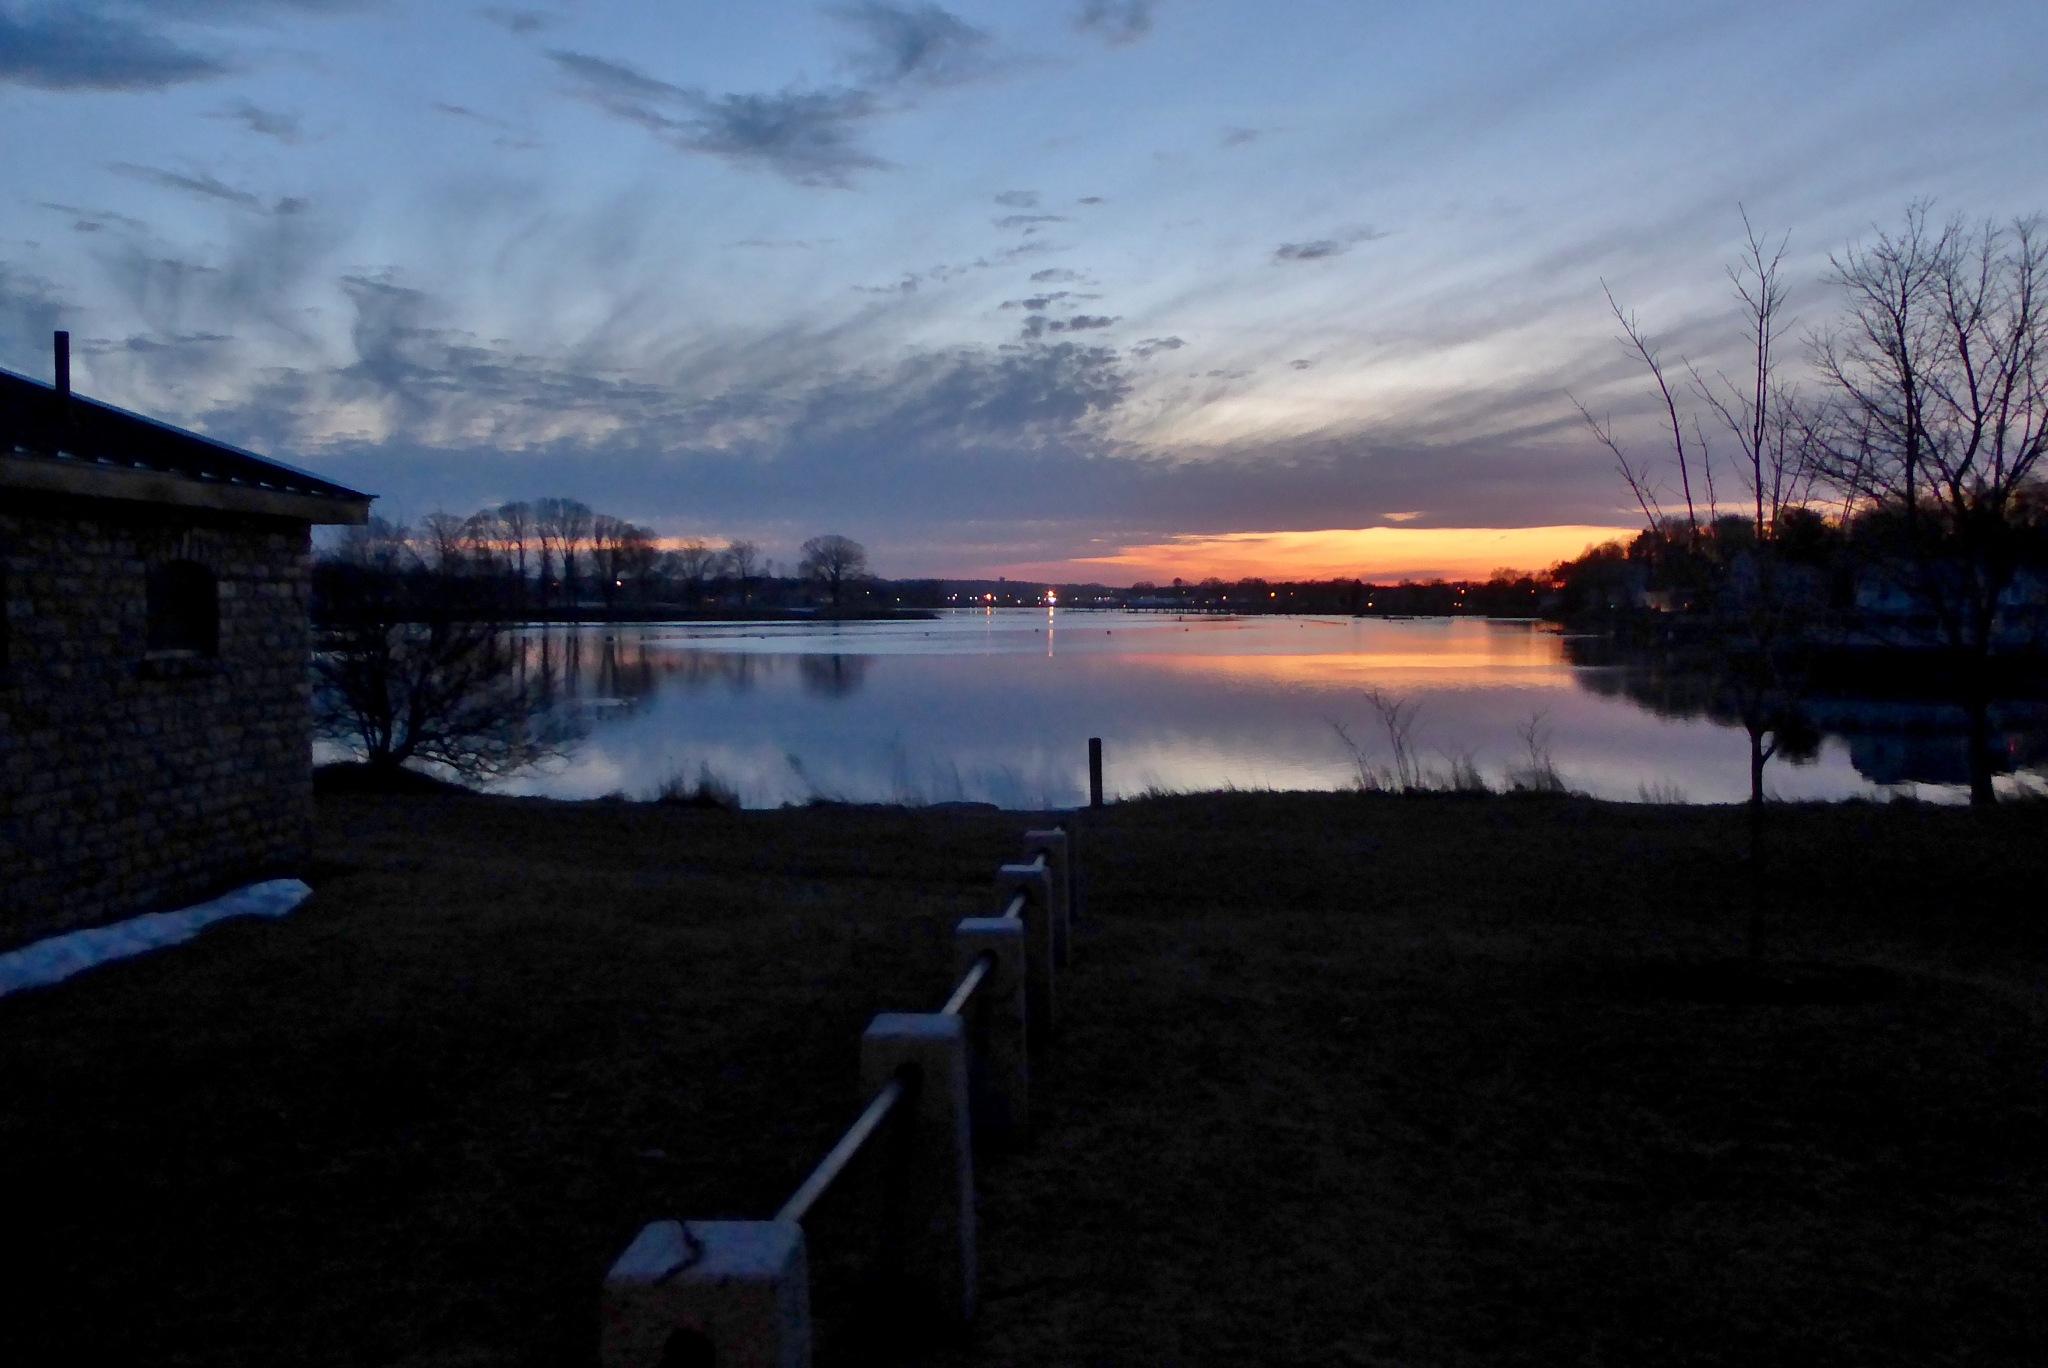 Obear Park Sunset by D. Scott Hufford